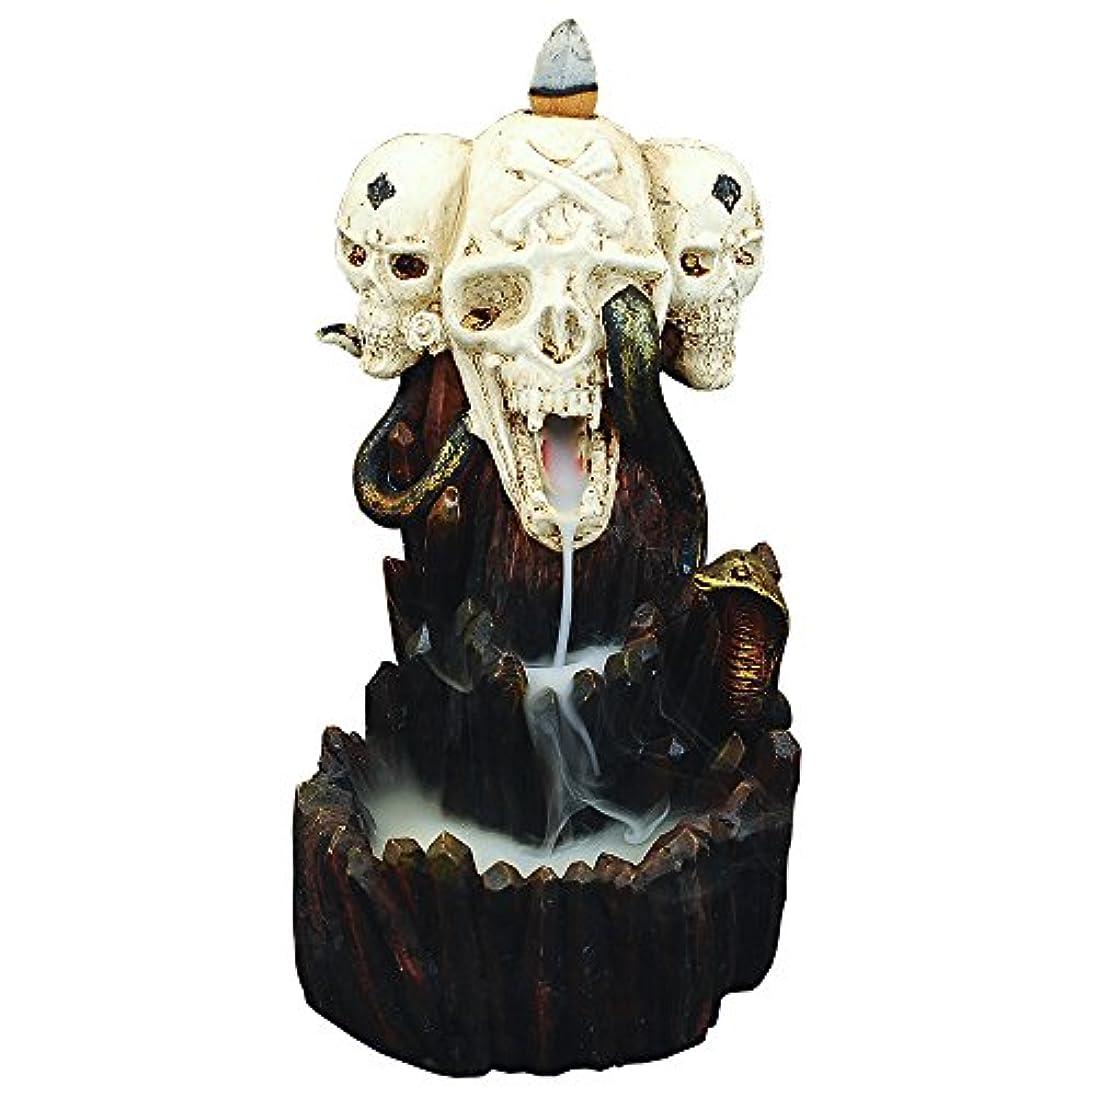 グラス正午針zingyou Skull Backflow Incense Burner、樹脂Incense Holder with Incense Cones – ハロウィーンゴーストヘッド、スカル M ブラック 14200705